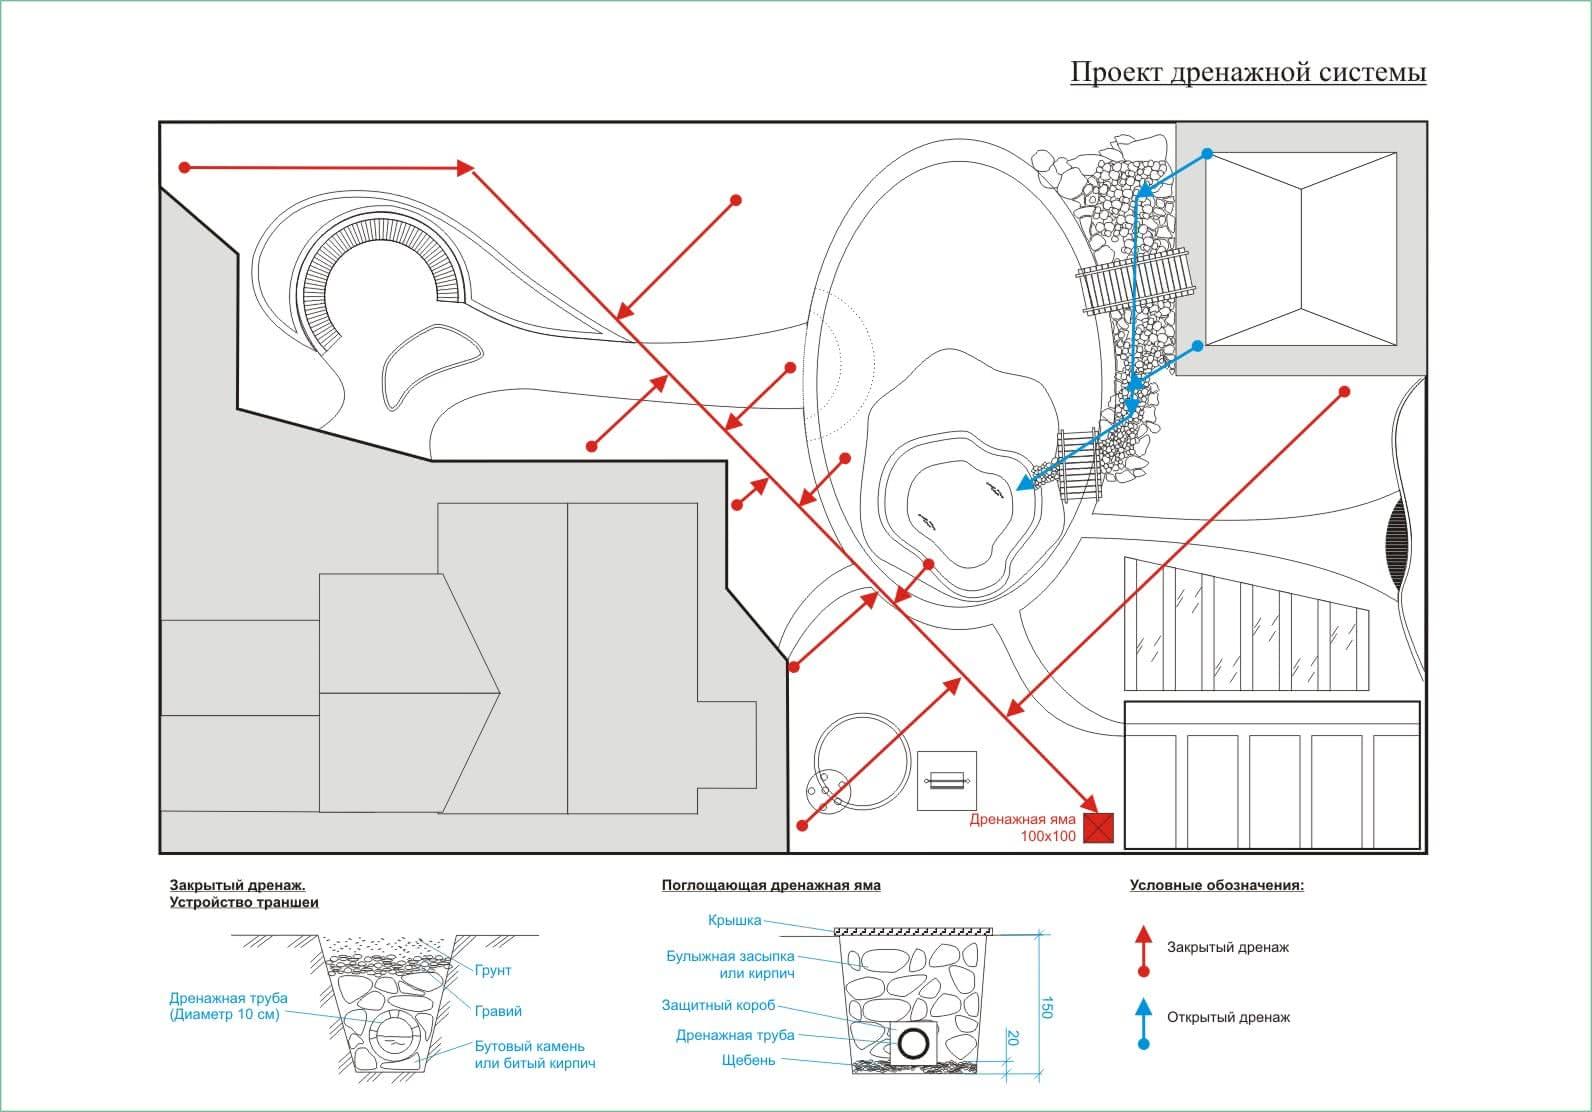 Вариант проекта дренажной системы частной усадьбы